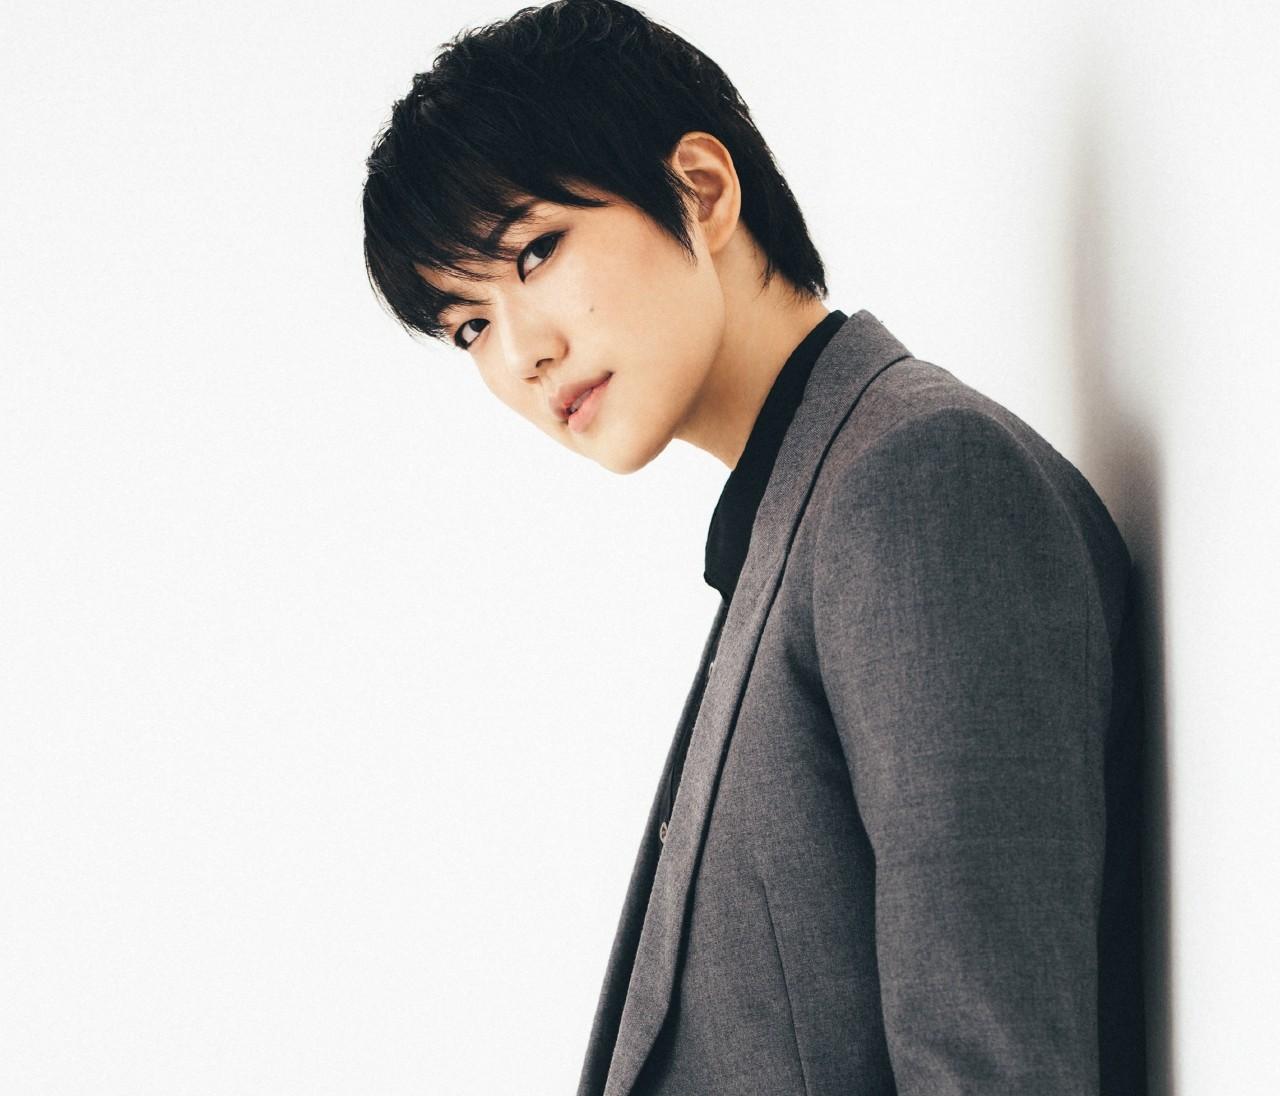 元宝塚男役スター・七海ひろきさんが、退団して気づいた宝塚愛を語る!